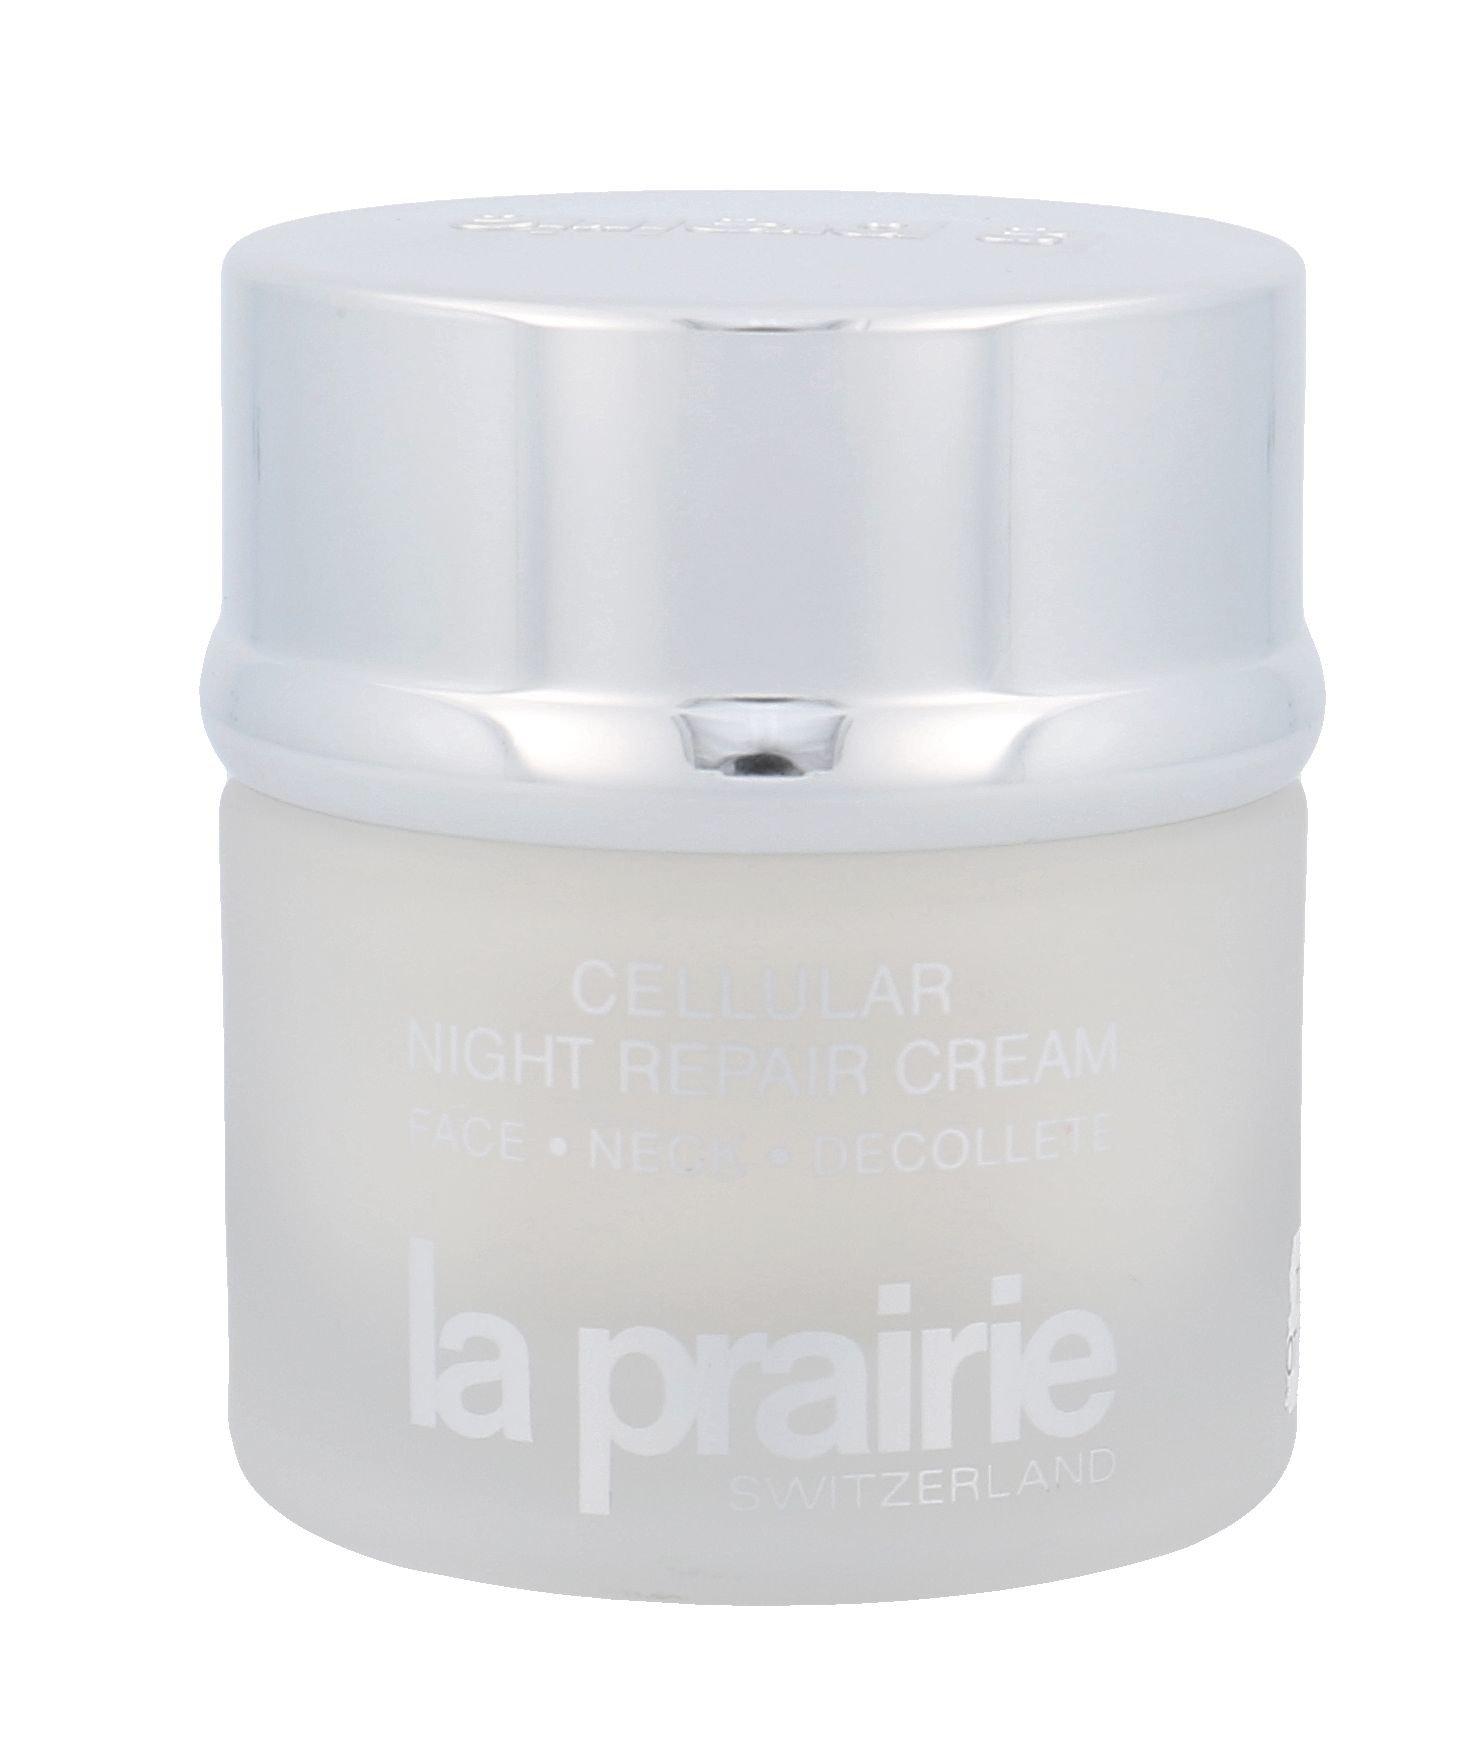 La Prairie Cellular Night Repair Cream Cosmetic 50ml